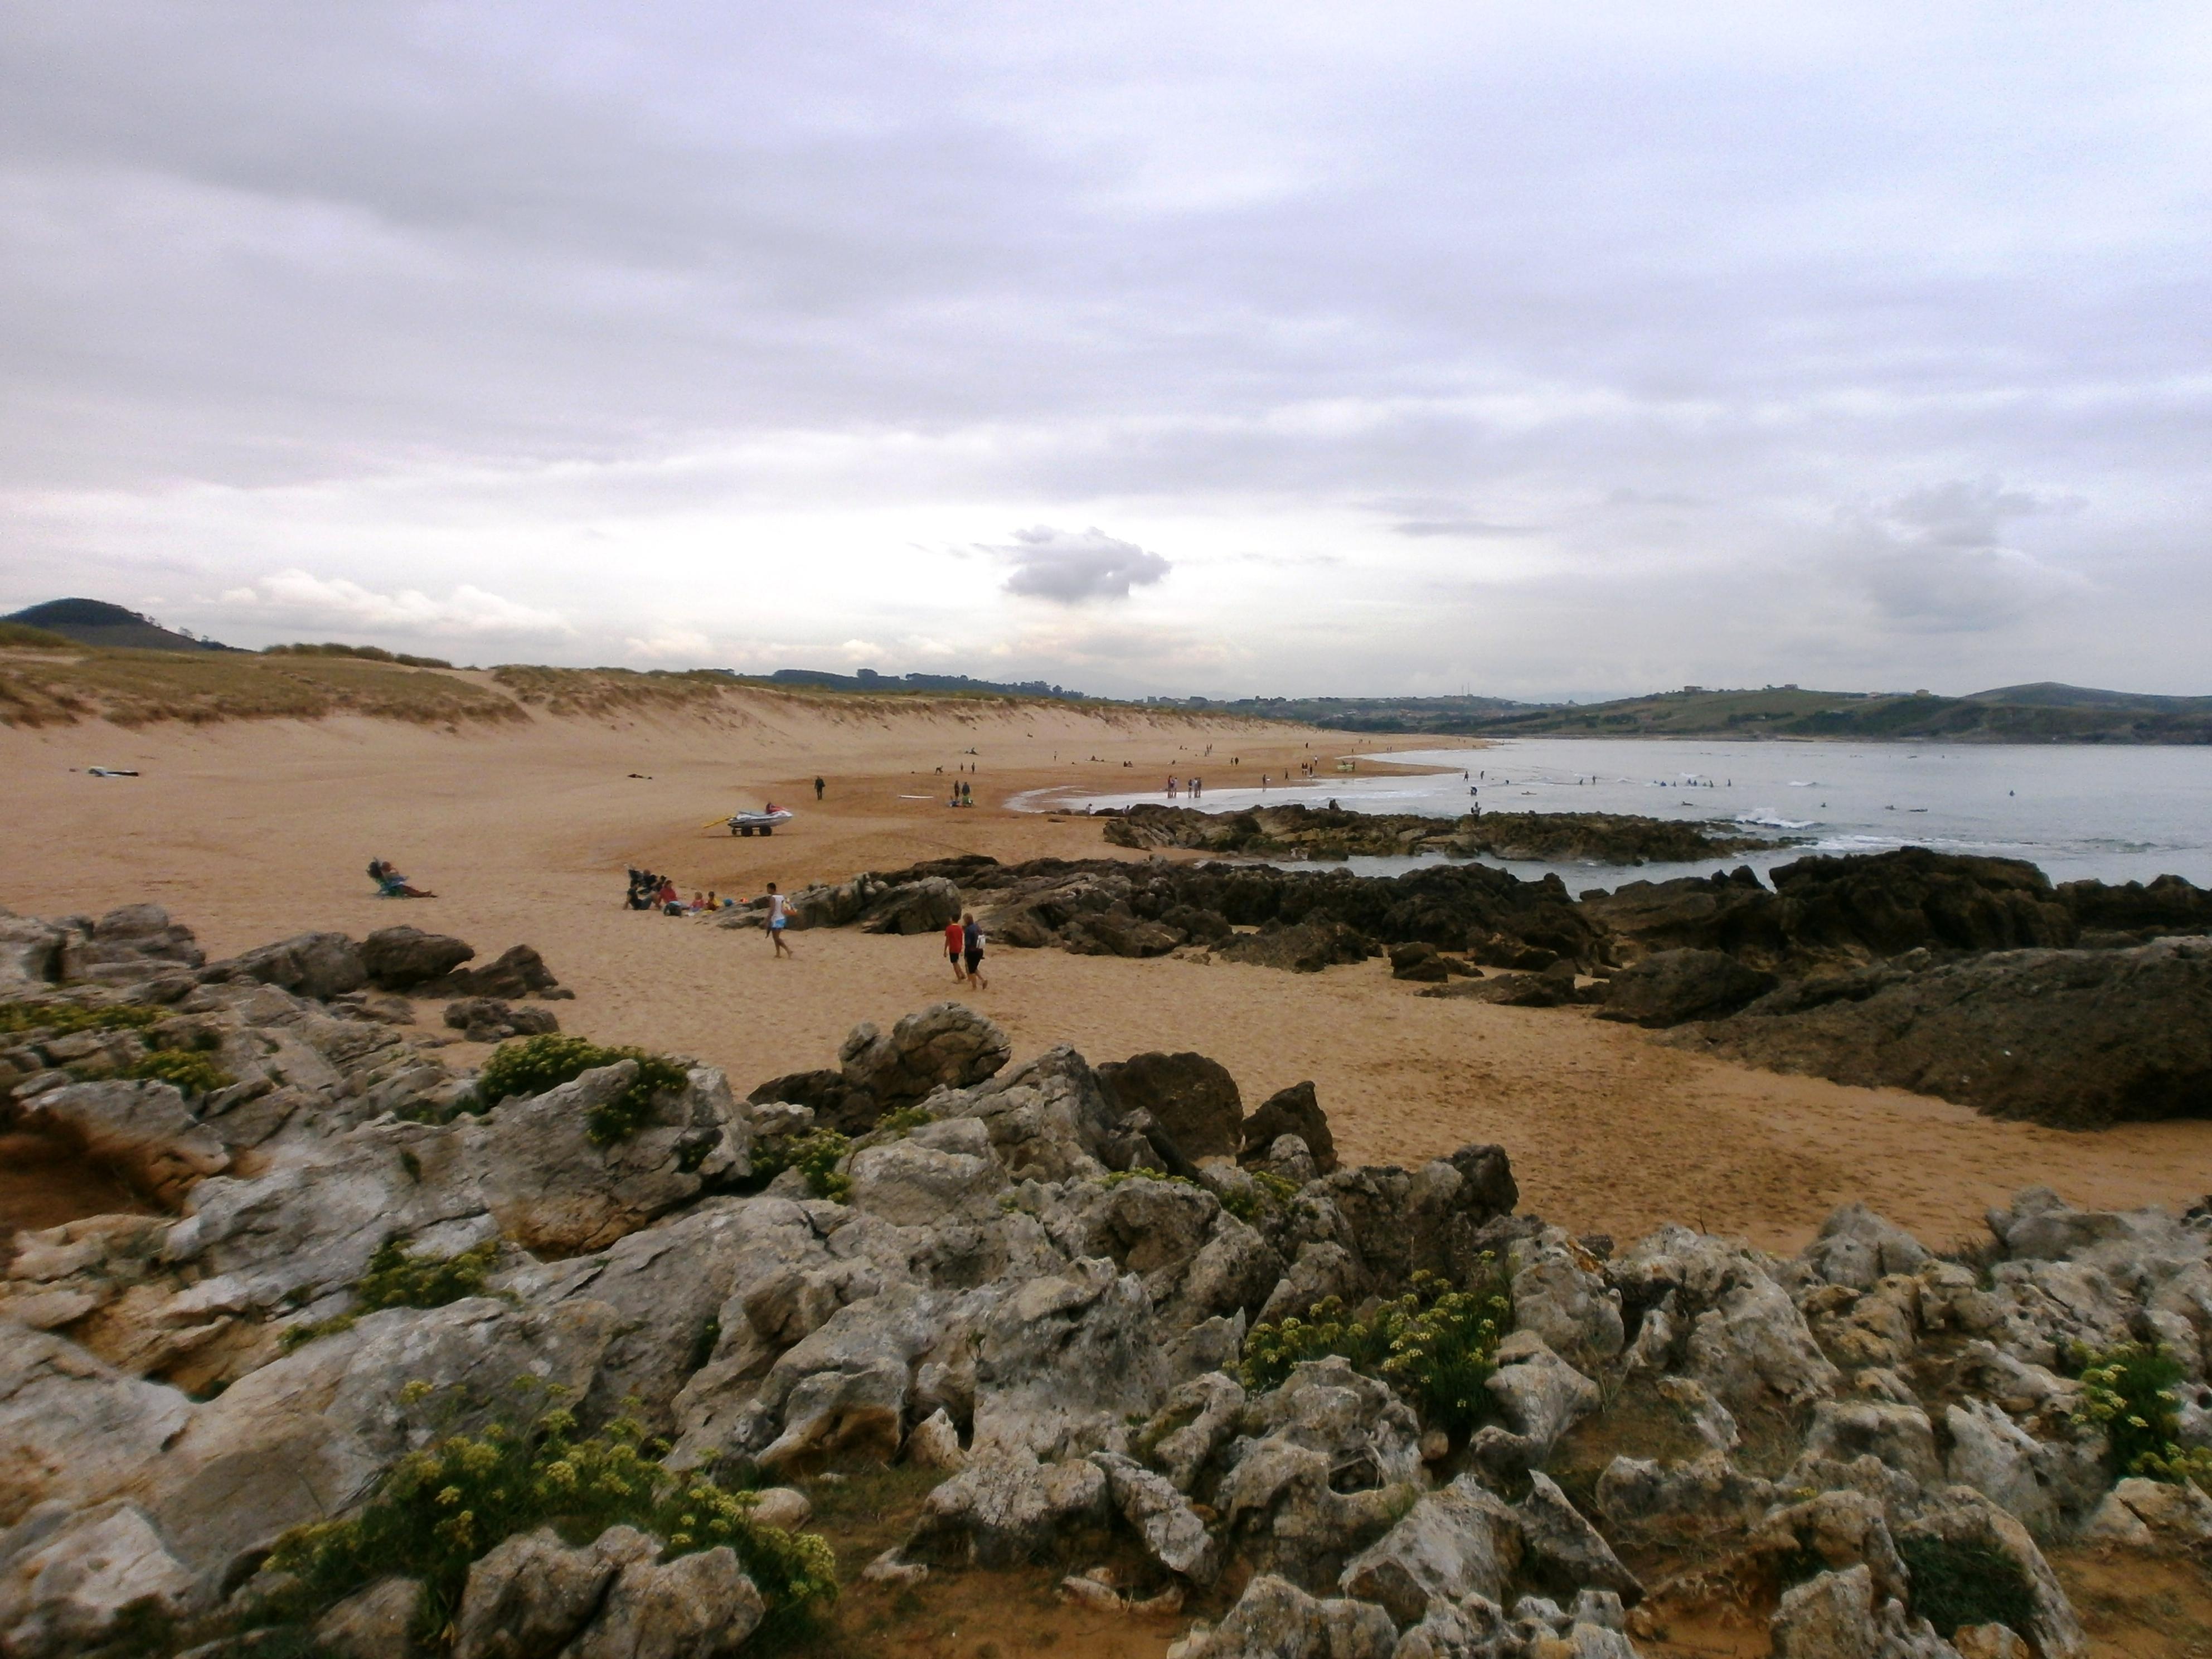 Playa Piedra Mansa